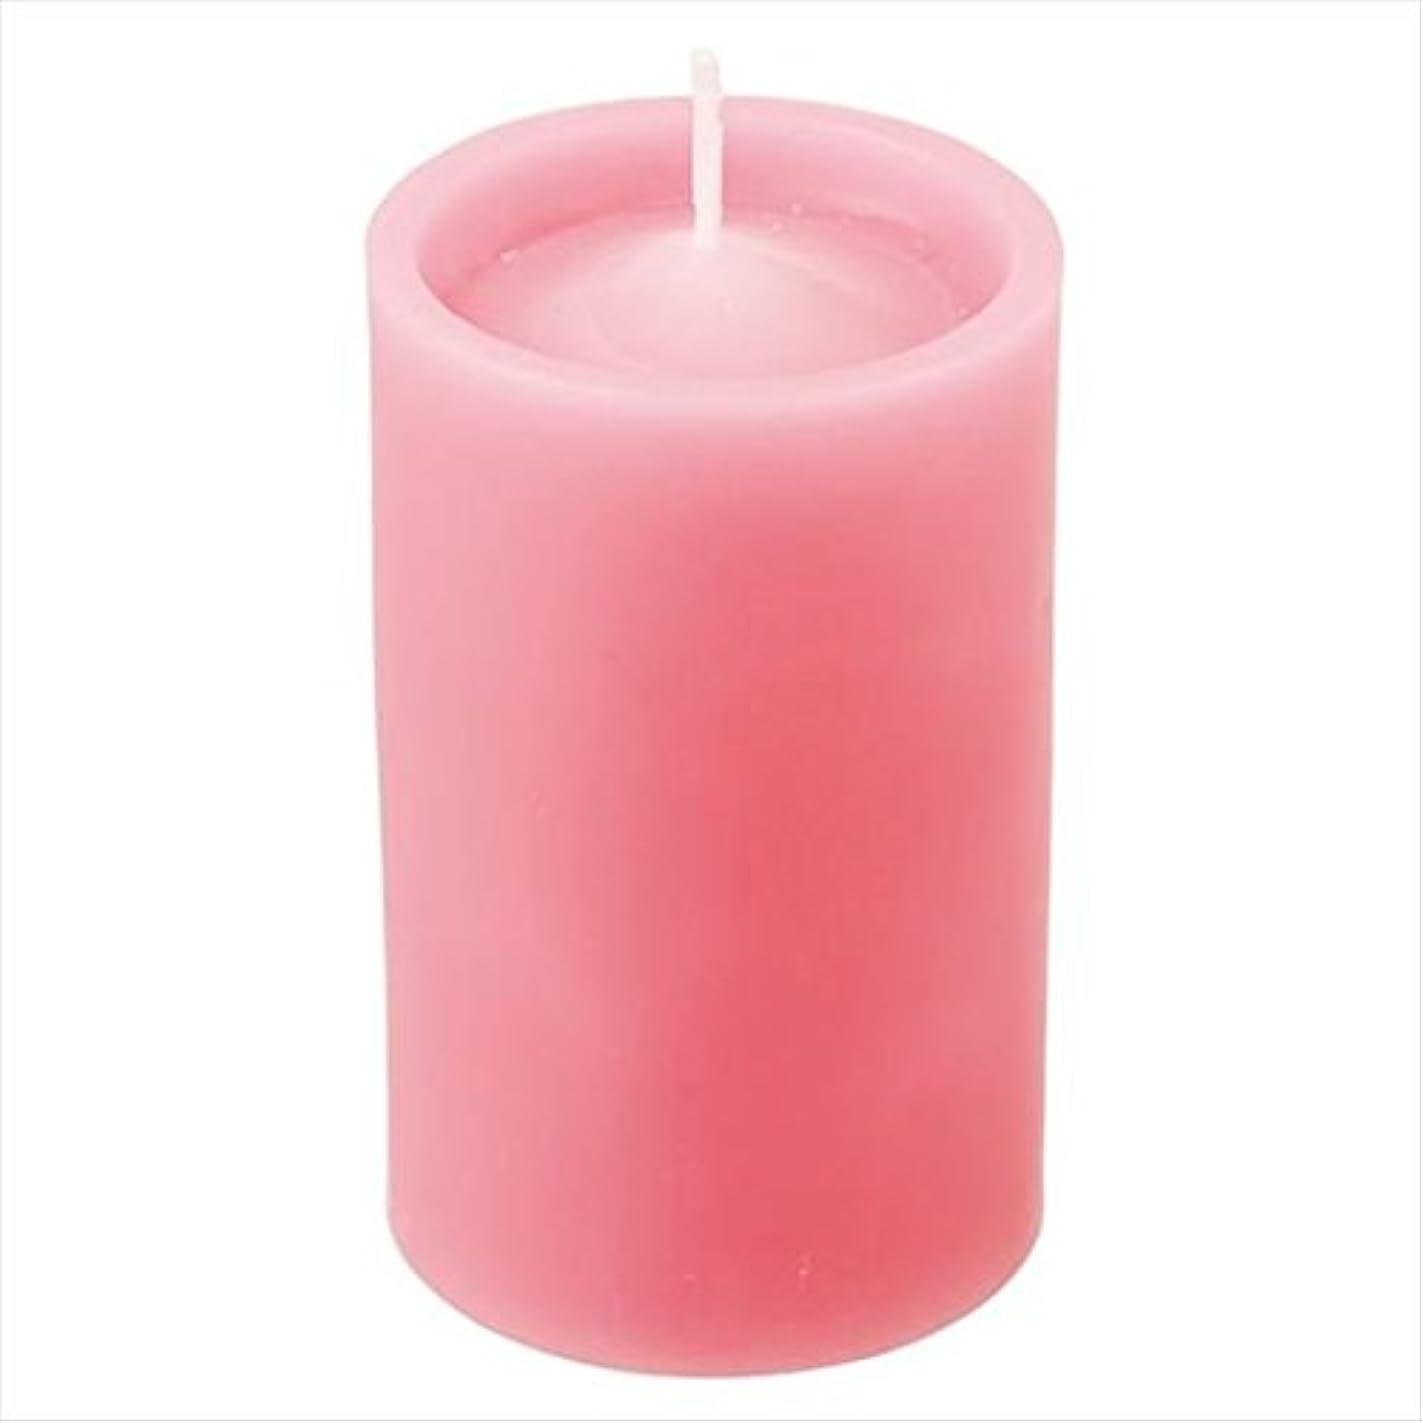 礼拝オーバーコート期限kameyama candle(カメヤマキャンドル) ロイヤルラウンド60 「 ダークピンク 」 キャンドル 60x60x100mm (52750000DP)